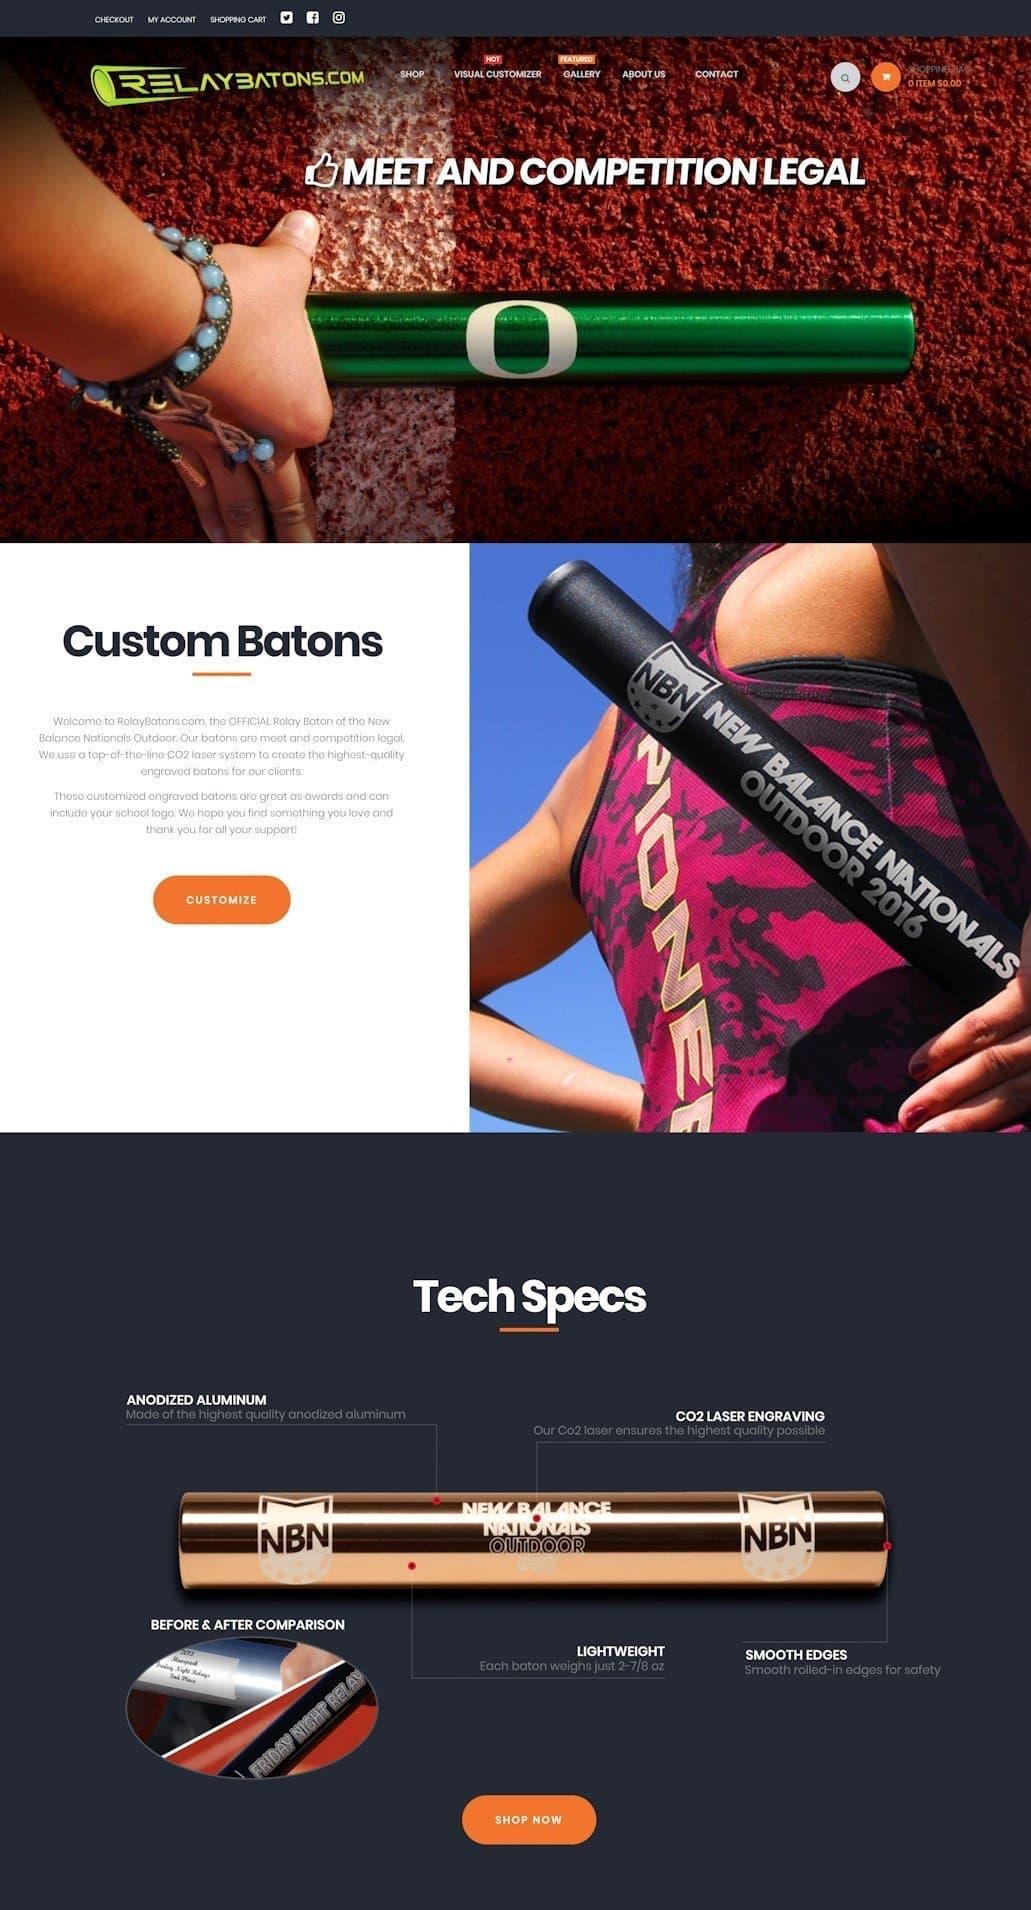 Client - RelayBatons.com (Y-Unit.com)